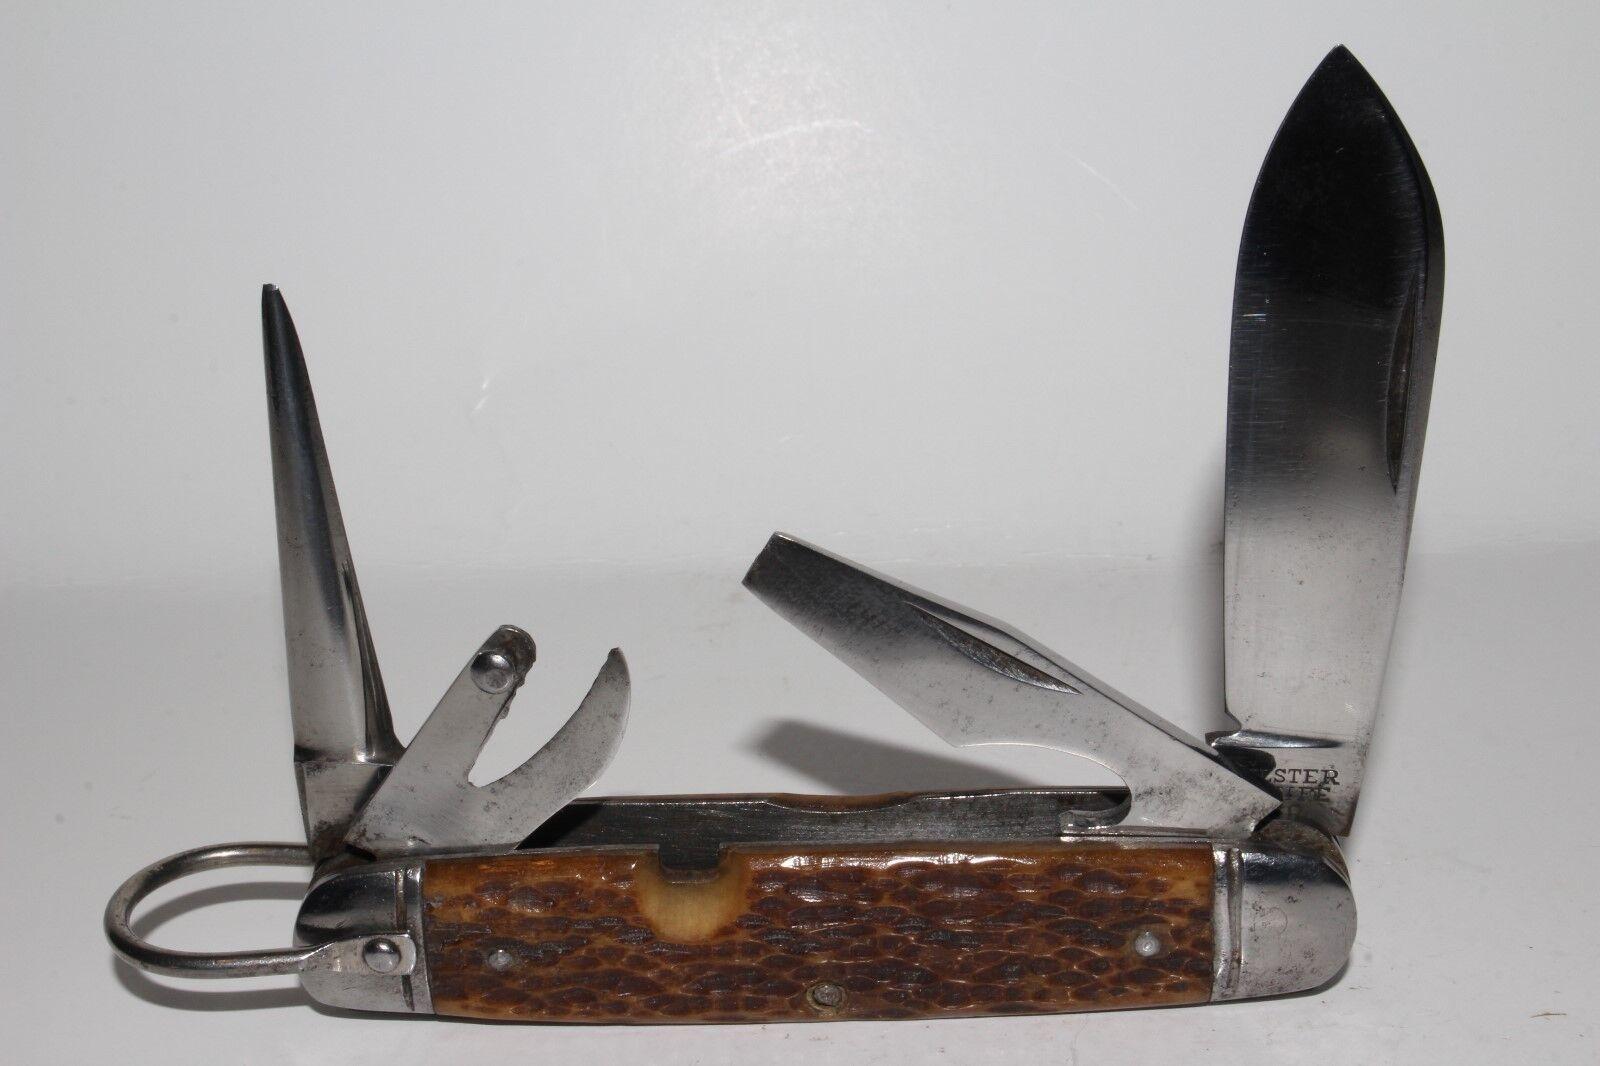 Vintage Ulster Knife Co Camp Knife, Nice Original